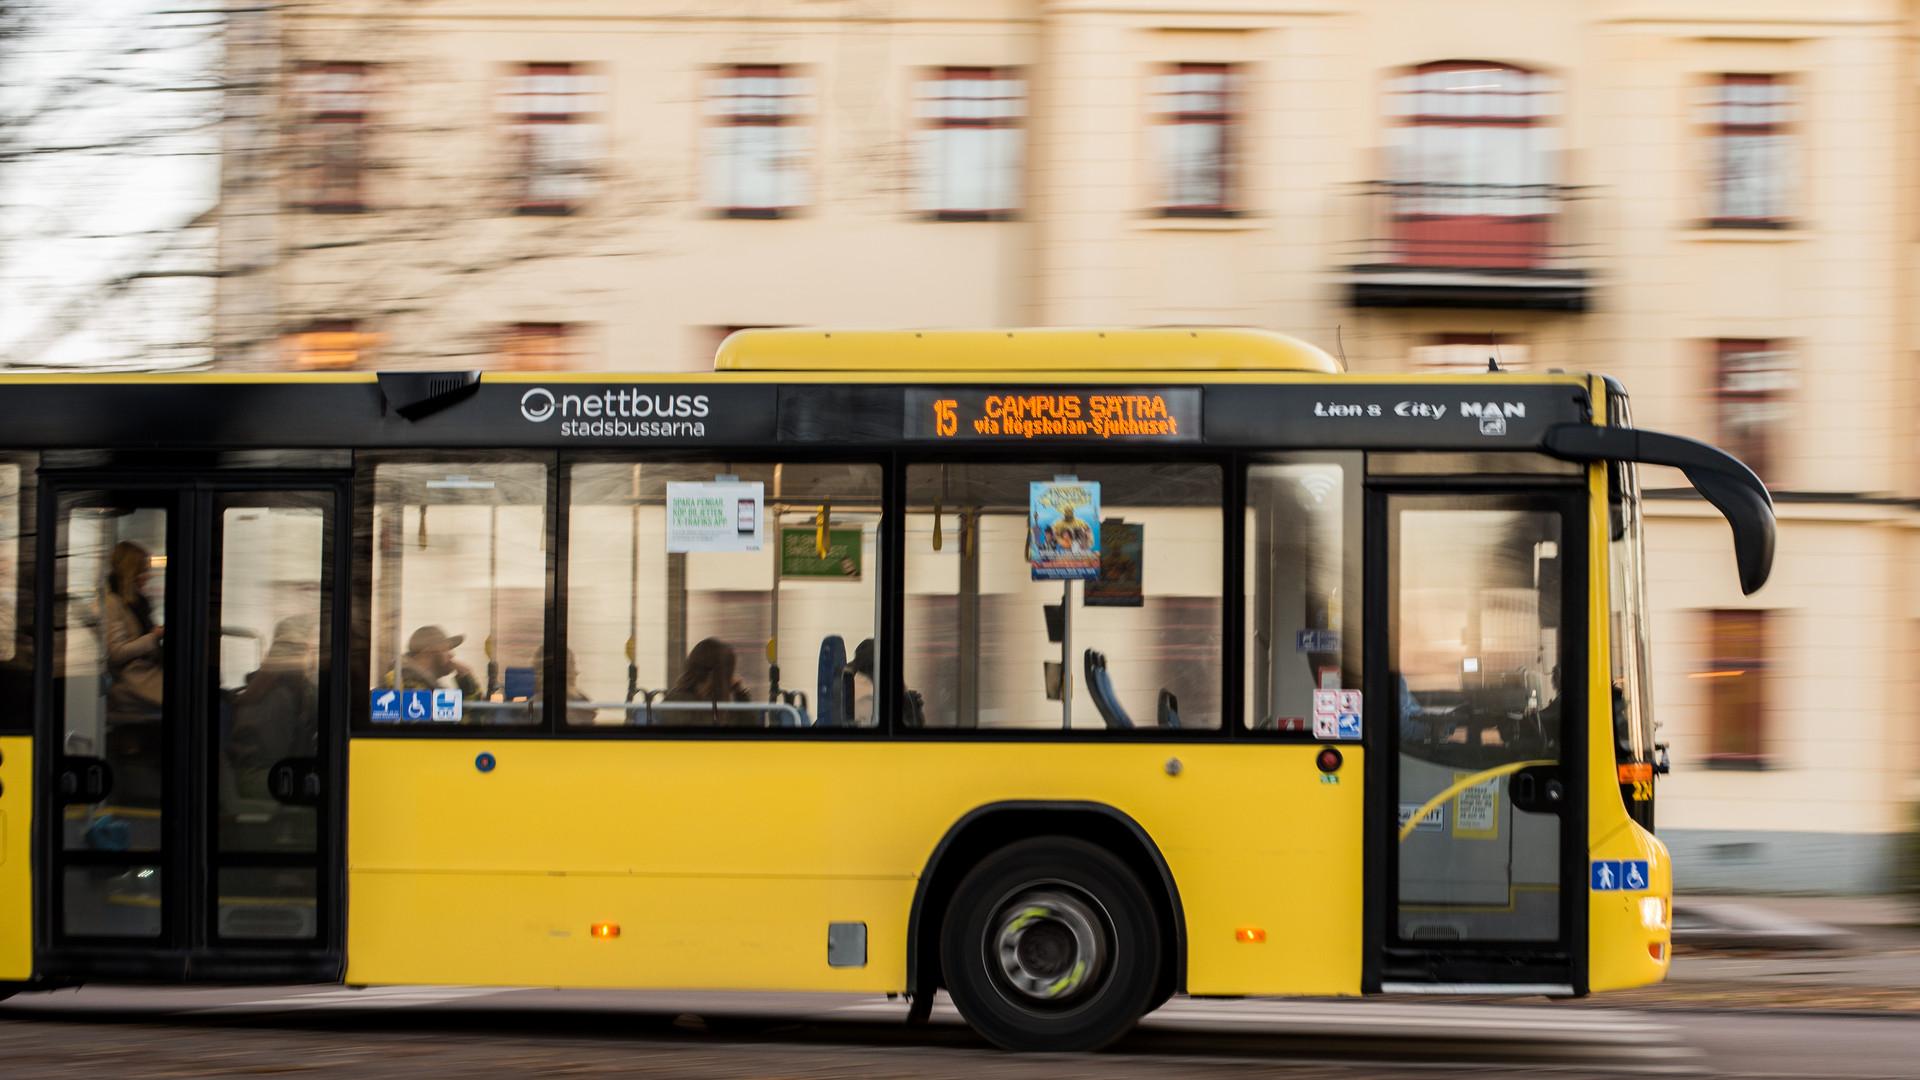 Stadsbuss åker förbi ett hus i bakgrunden